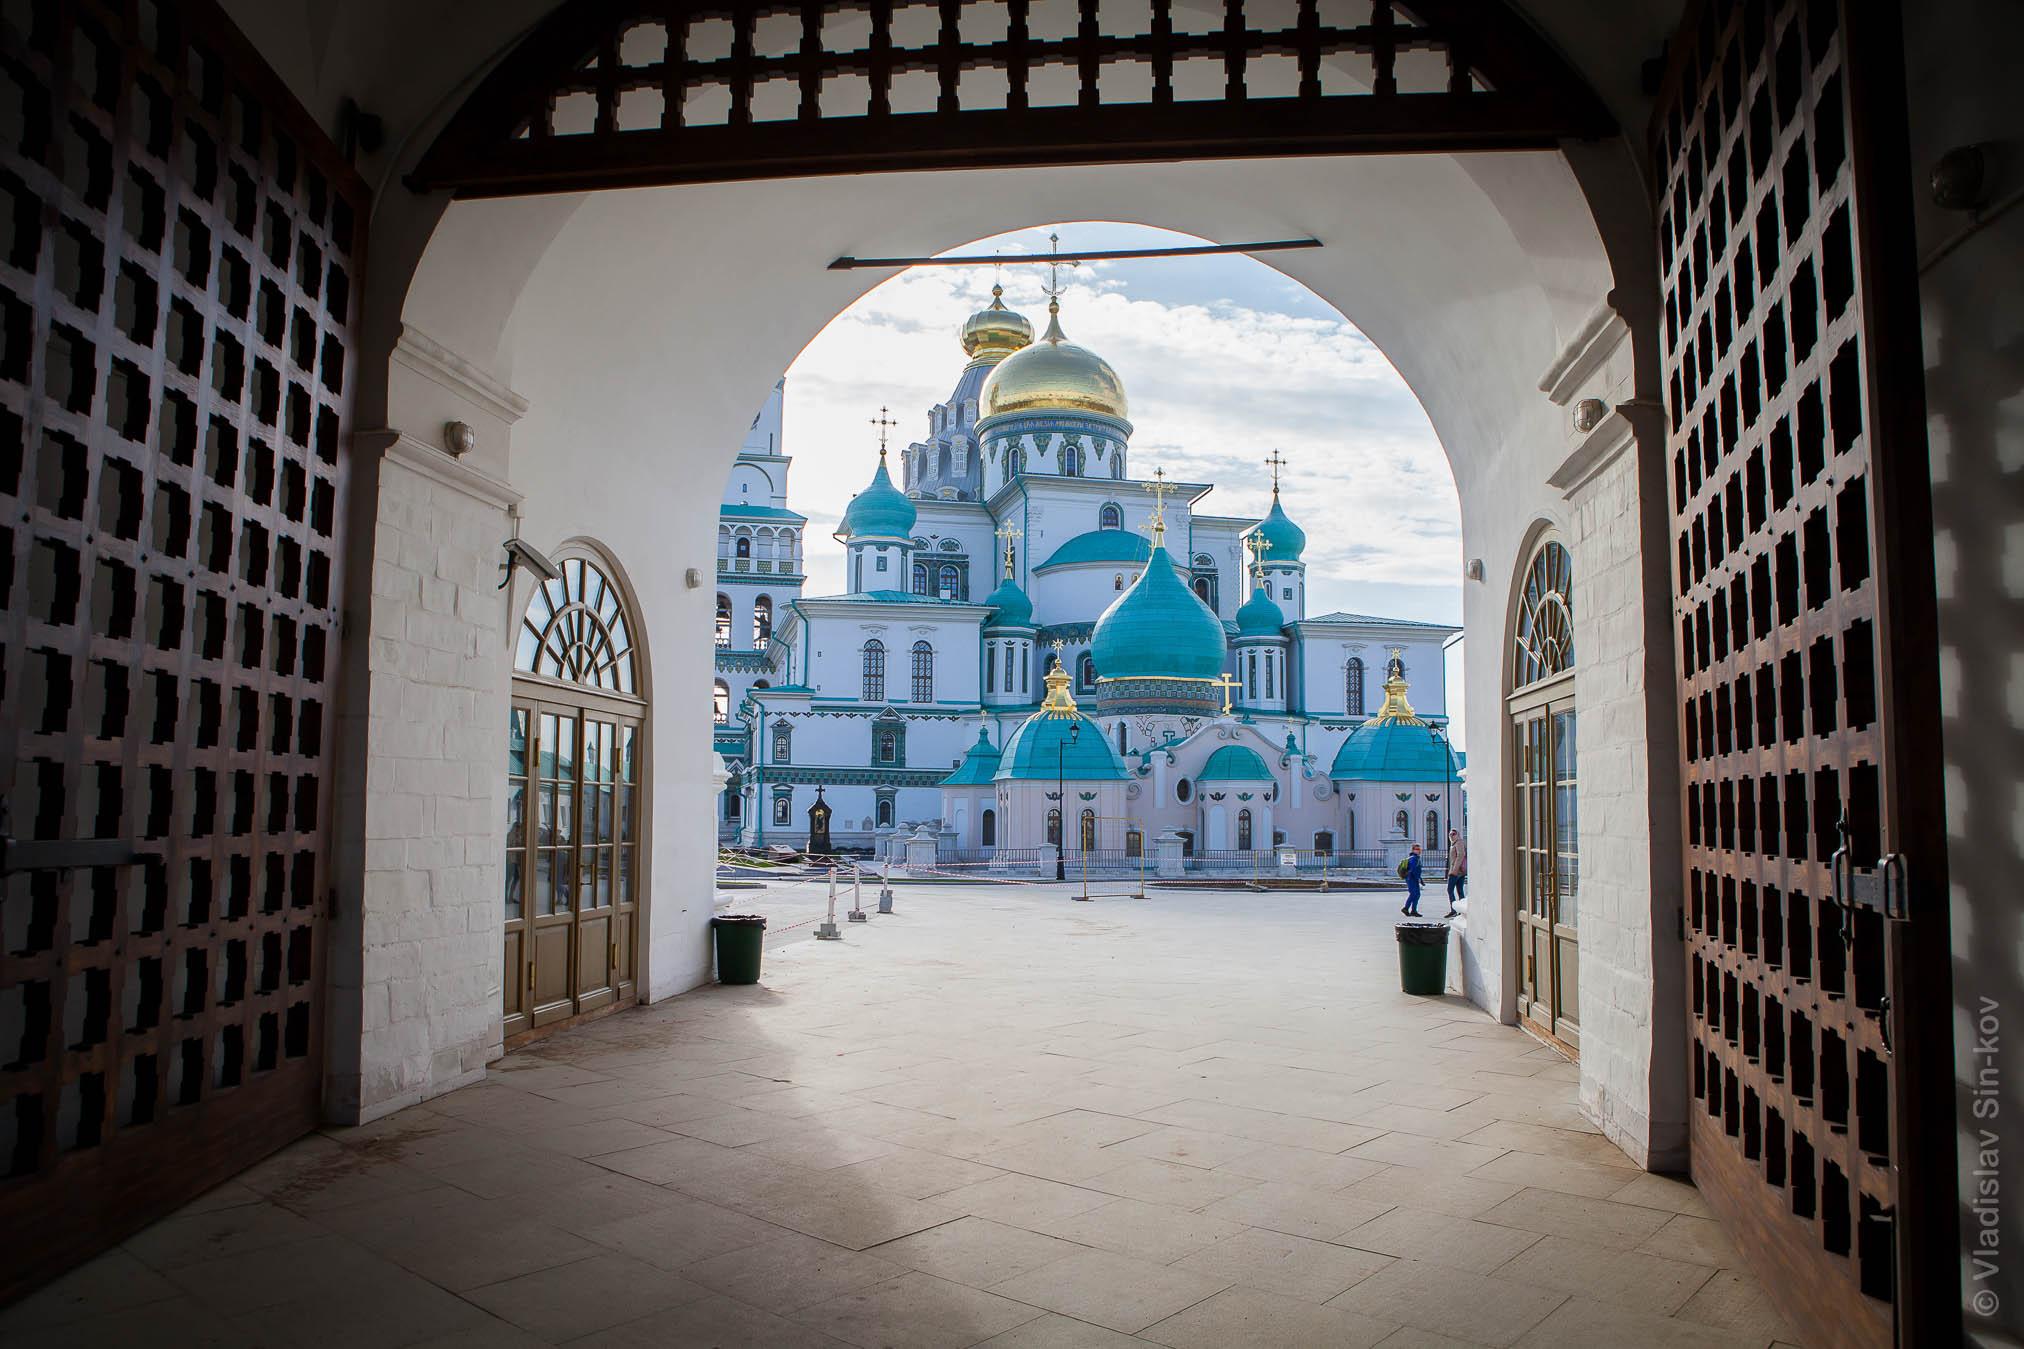 монастырь новый иерусалим фото внутри чемпионаты